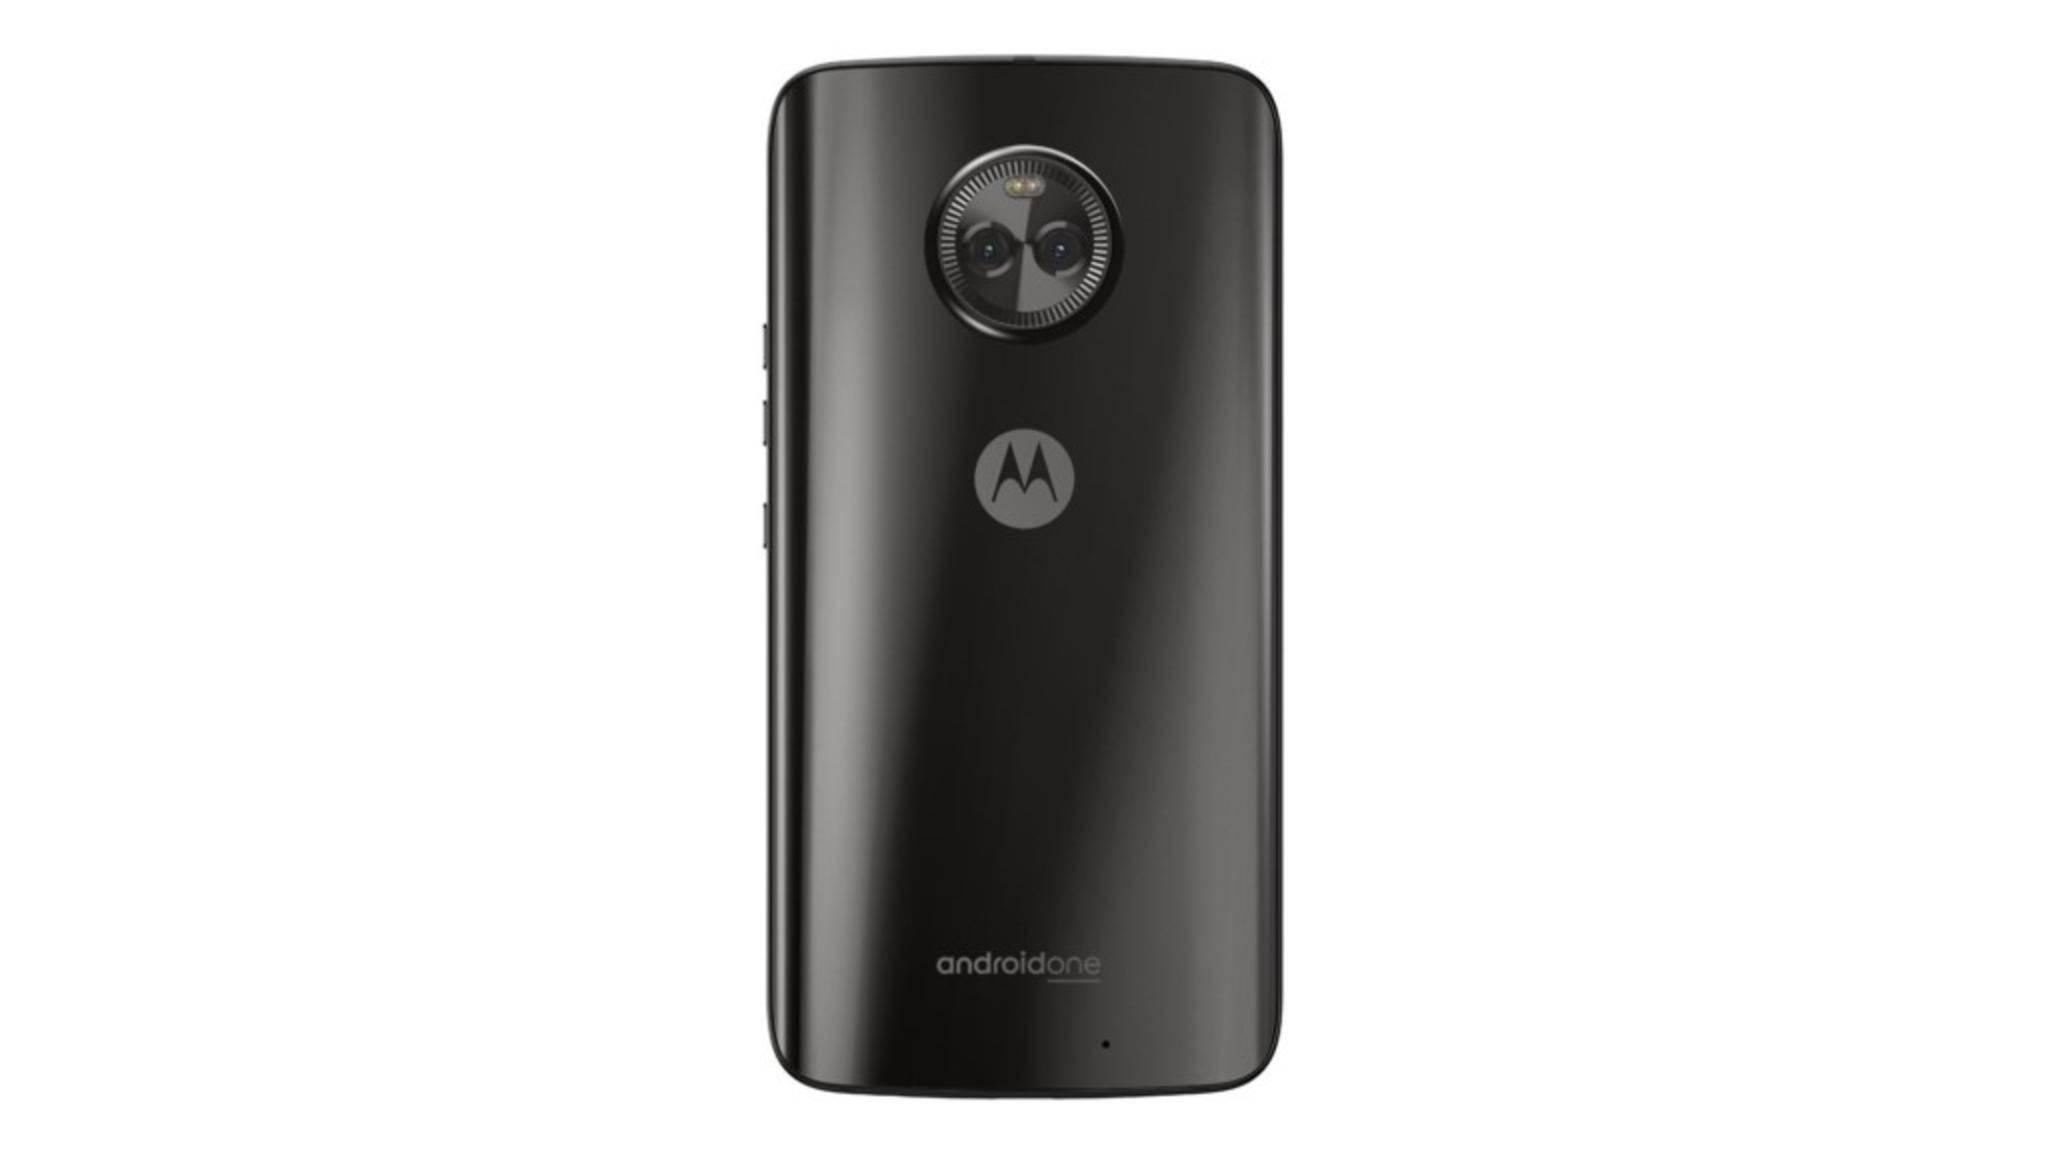 Das Moto X4 erscheint wohl als Android-One-Version mit unverändertem Android.